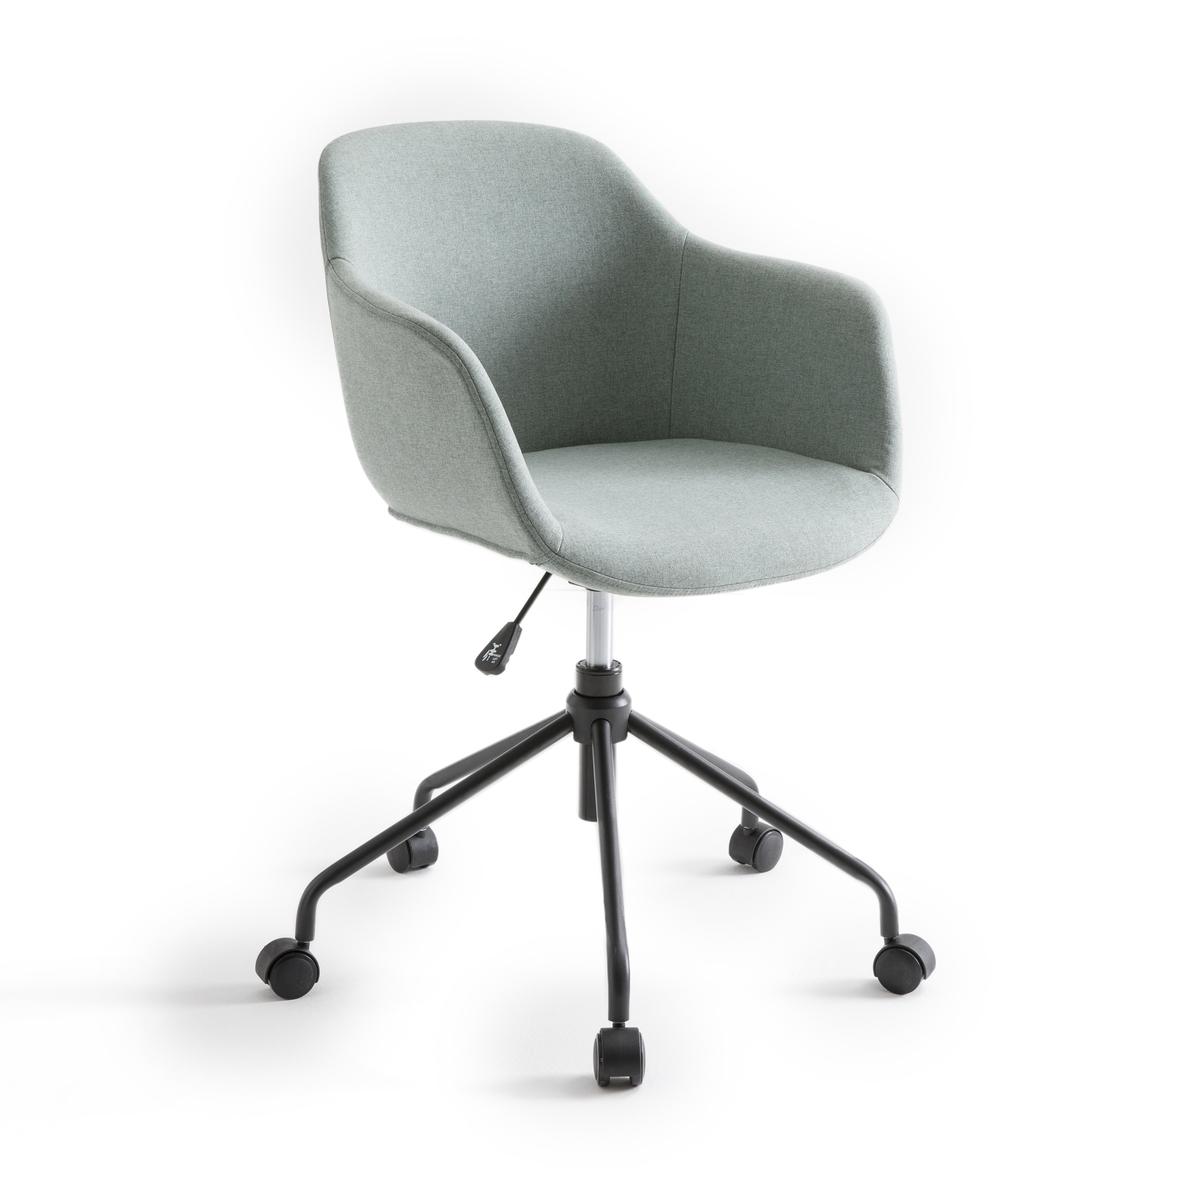 Кресло La Redoute Офисное вращающееся на колесиках Nyjo единый размер зеленый кресло офисное на колесиках azzo